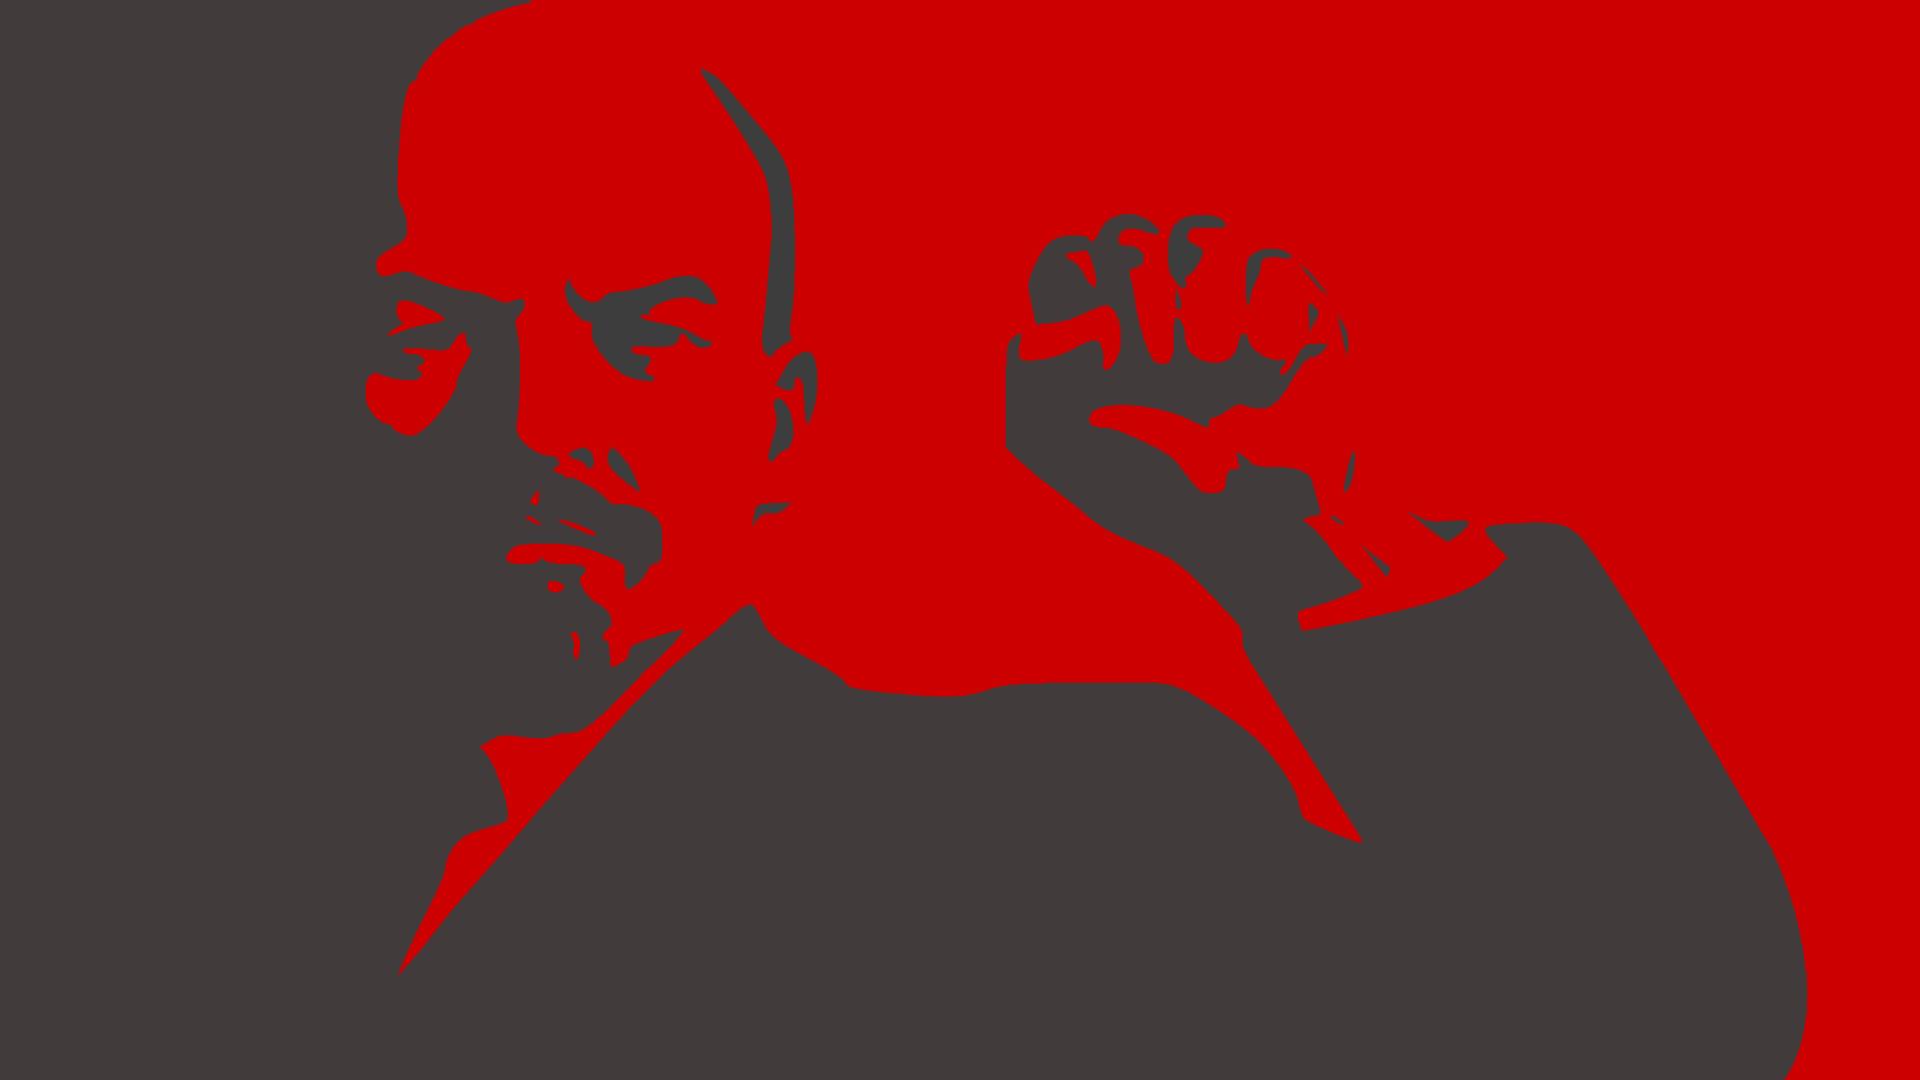 Lenin Wallpaper 63 images 1920x1080